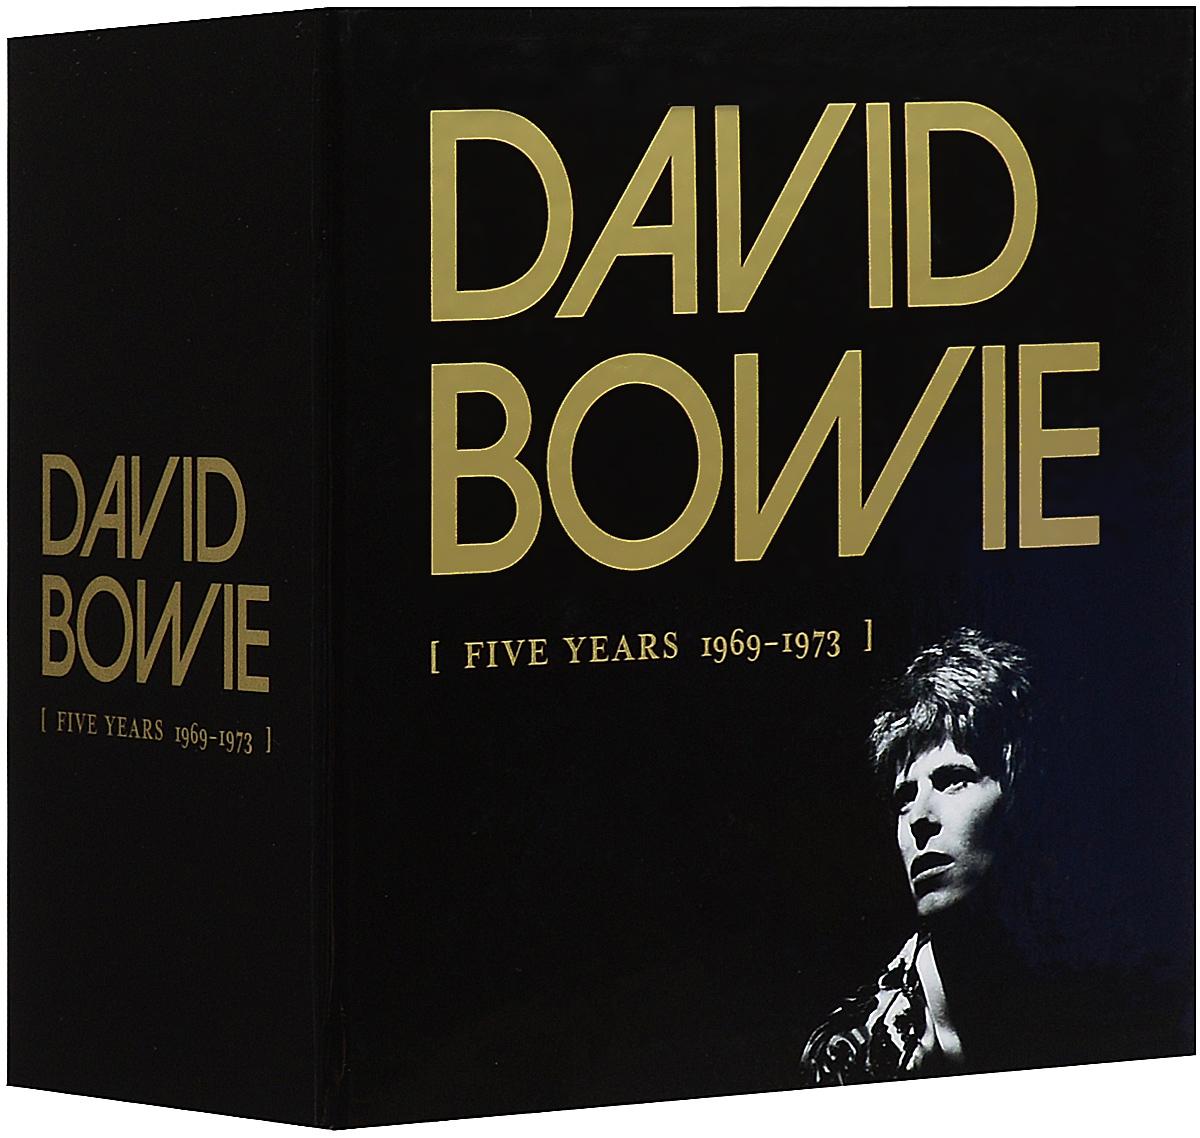 Дэвид Боуи David Bowie. Five Years 1969-1973 (12 CD) cd диск david bowie let s dance 1 cd